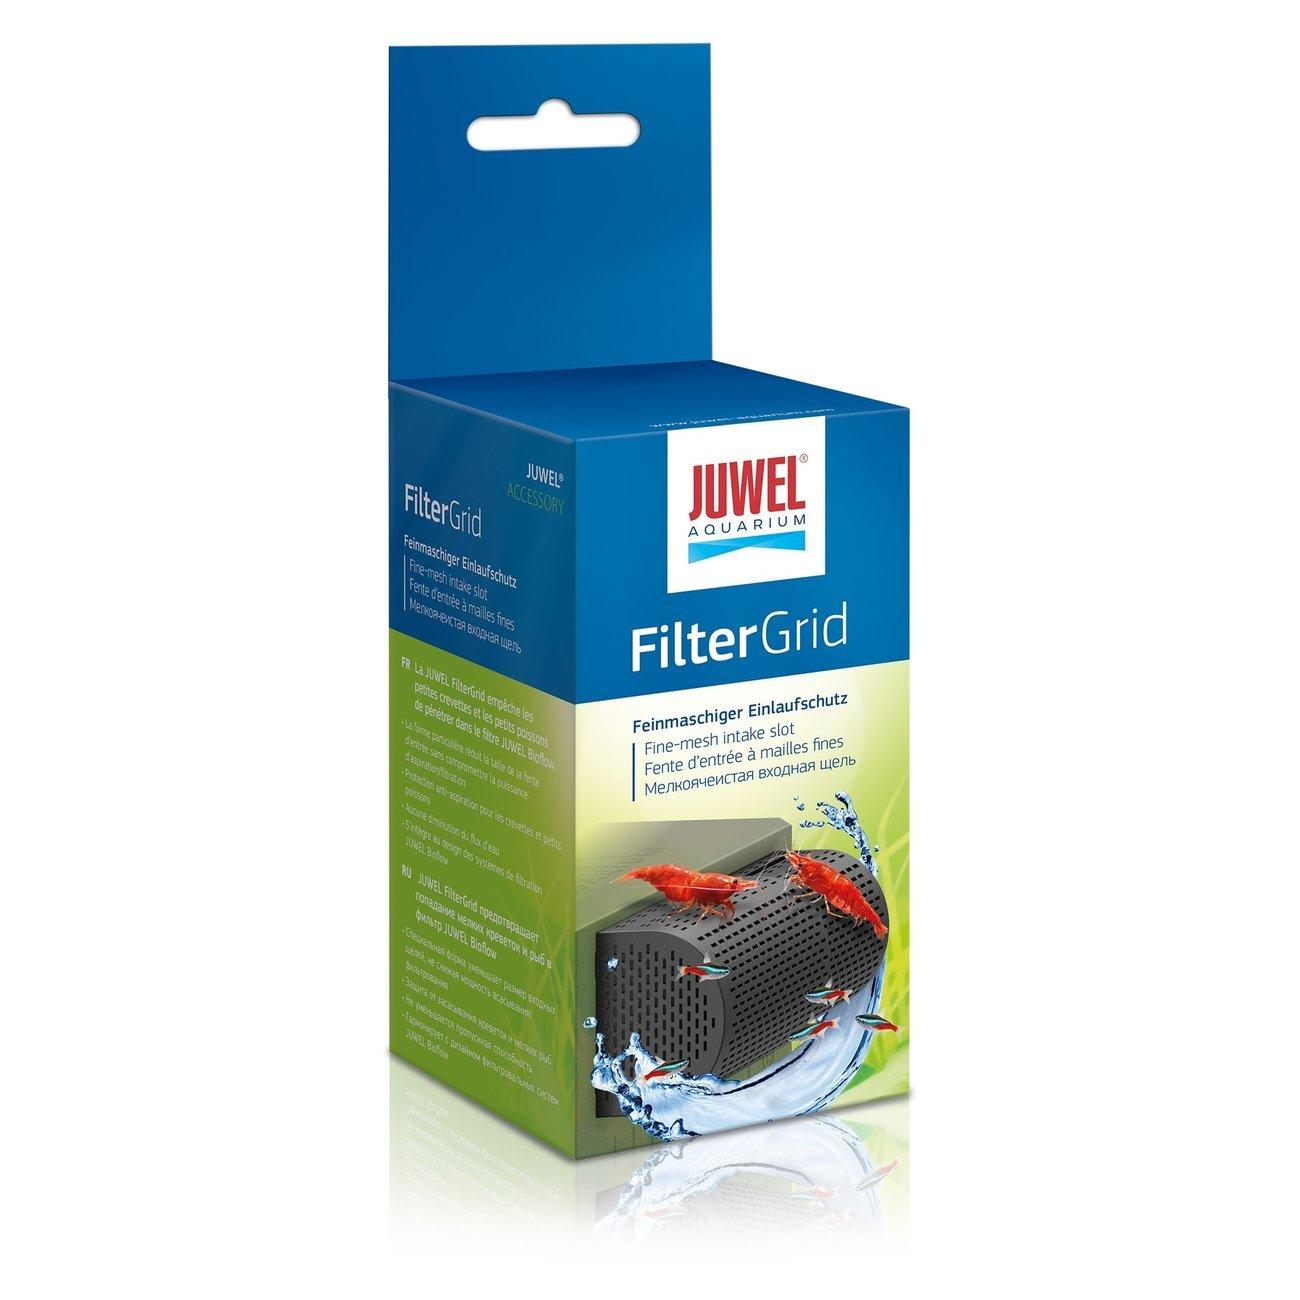 Juwel FilterGrid feinmaschiger Einlaufschutz Preview Image